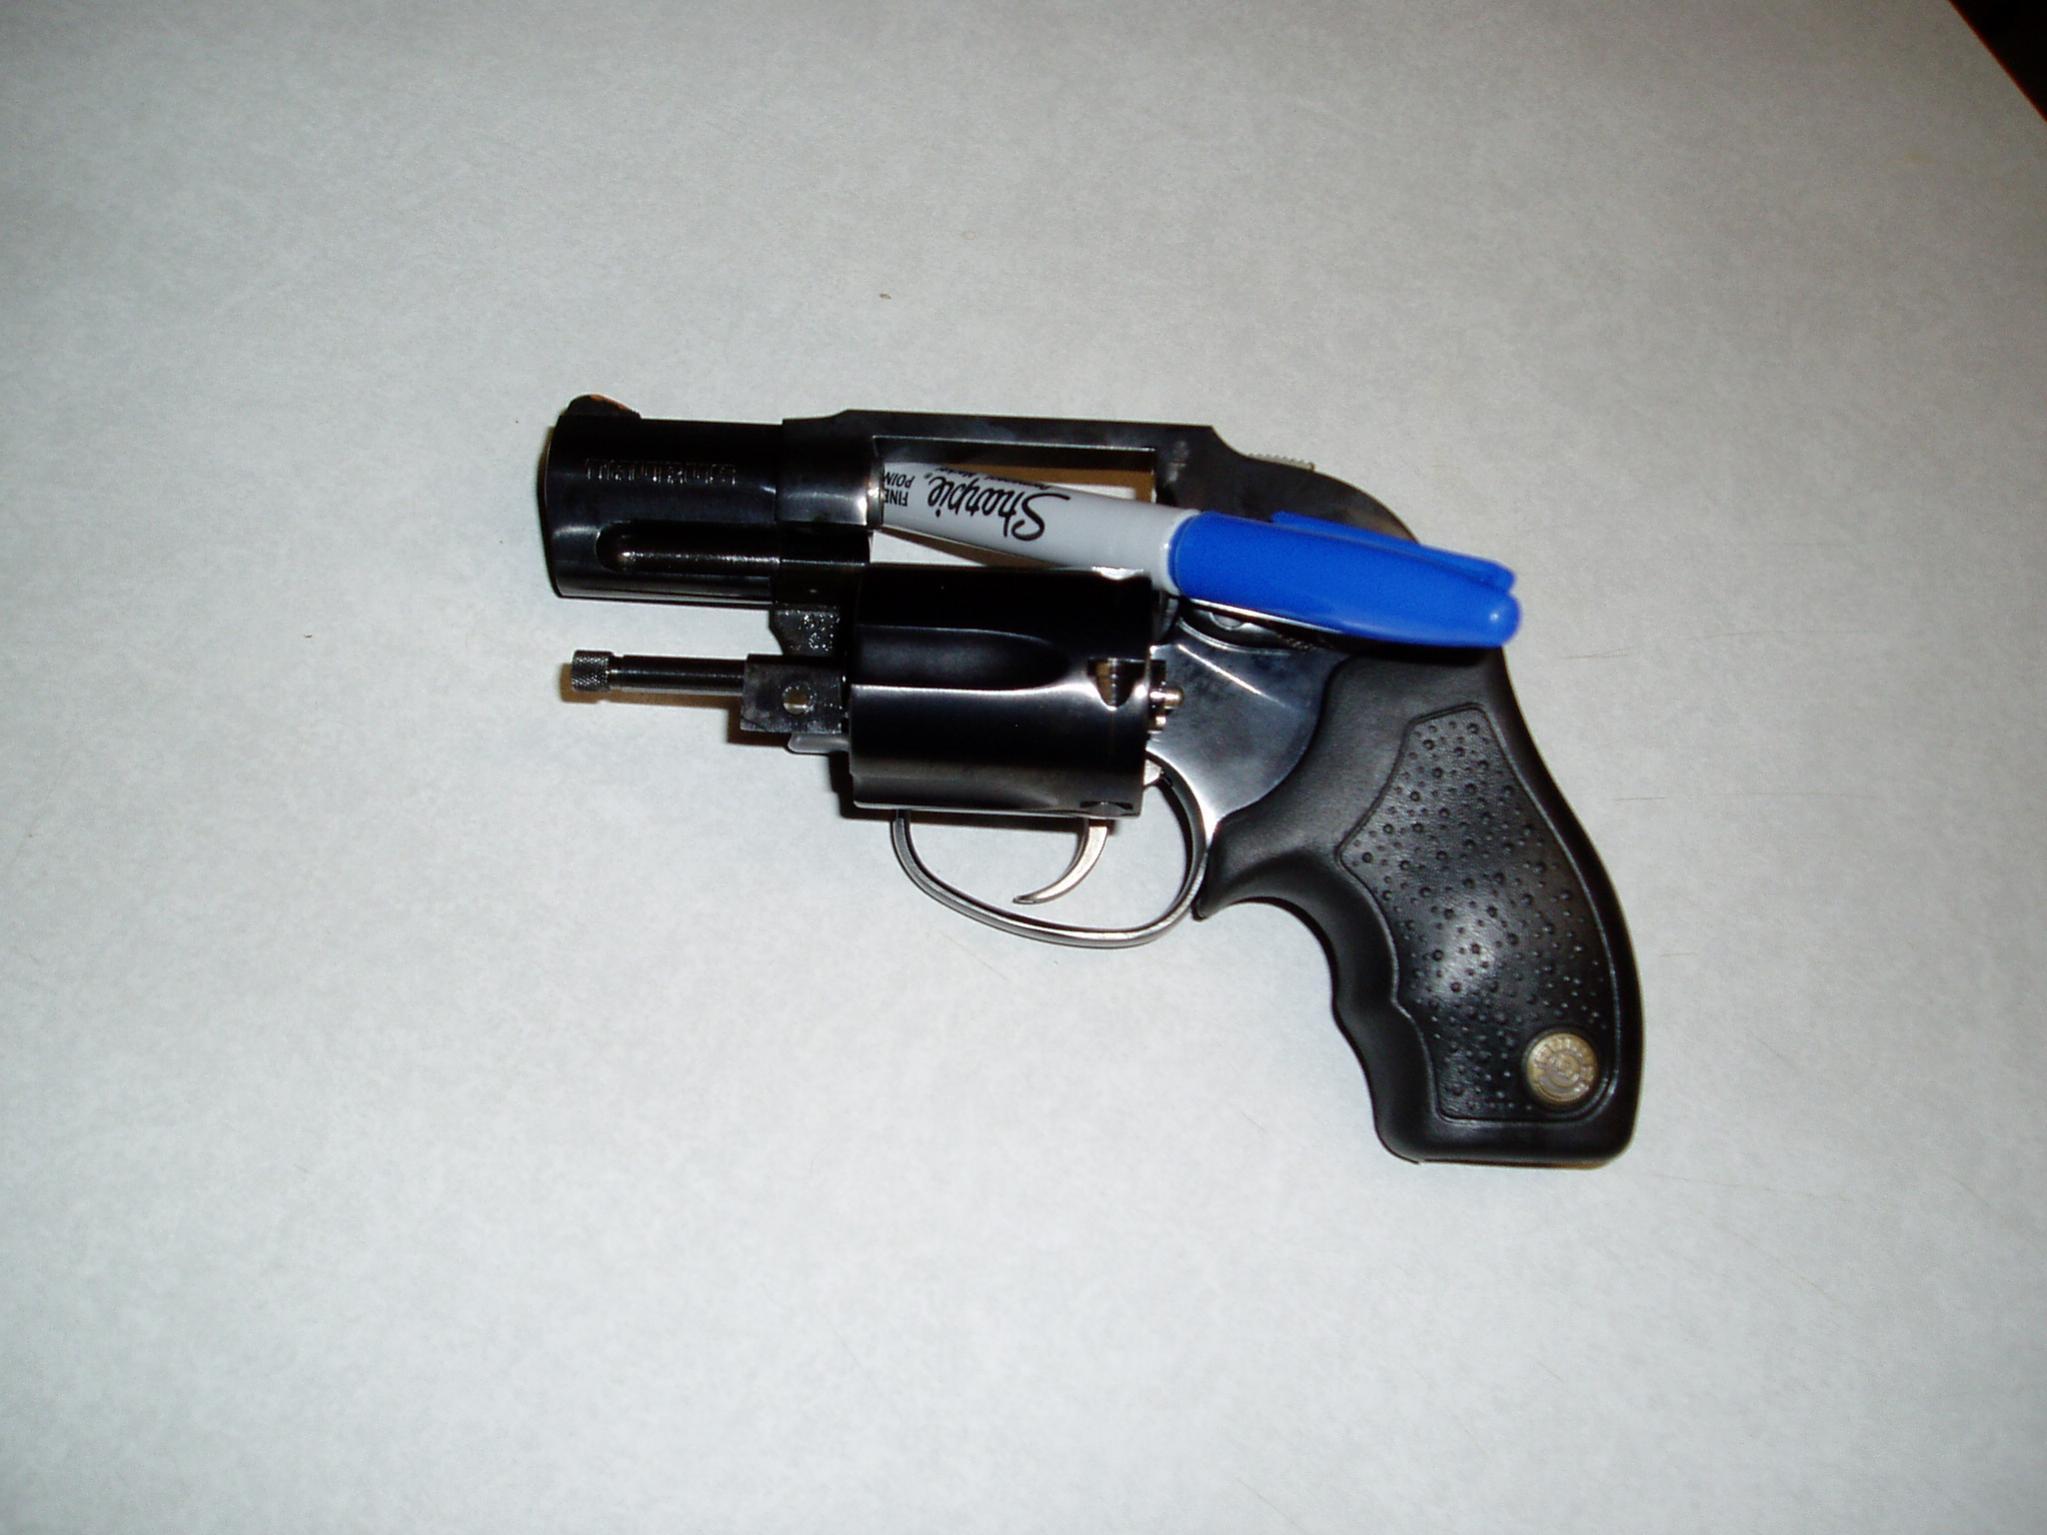 357 Snubbie/Taurus 605 or Charter Arms-guns-003.jpg